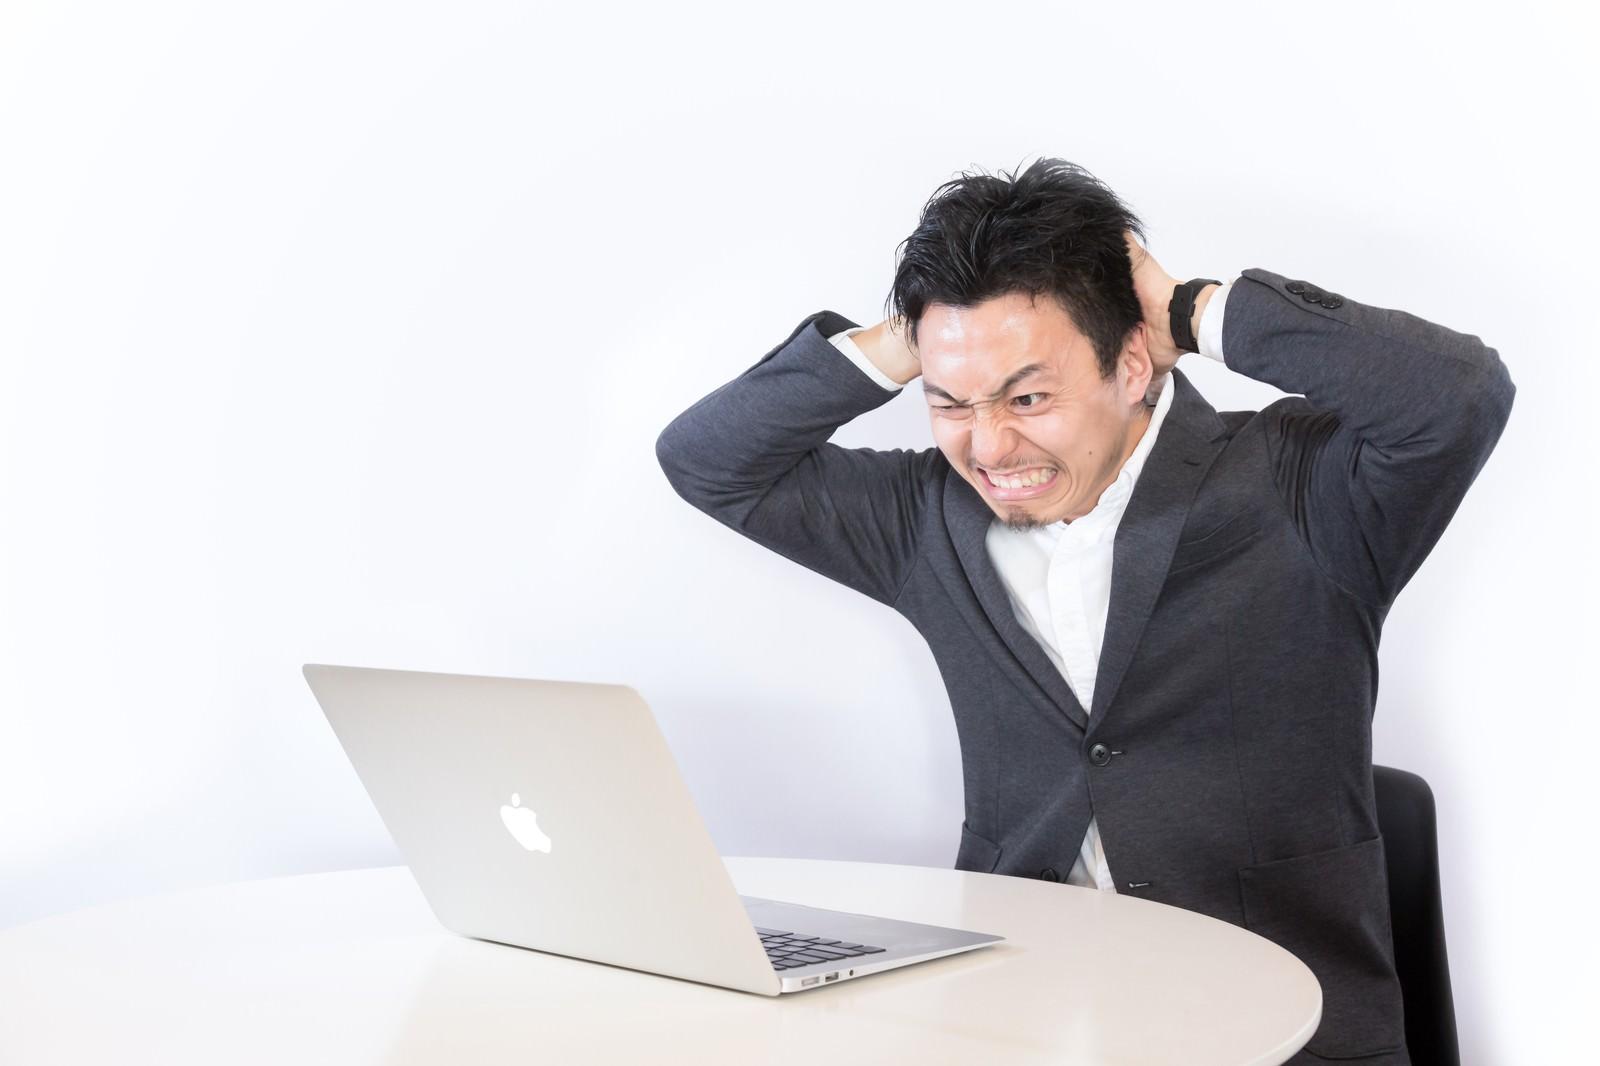 「強制決済で頭を抱える男性強制決済で頭を抱える男性」[モデル:藤沢篤]のフリー写真素材を拡大